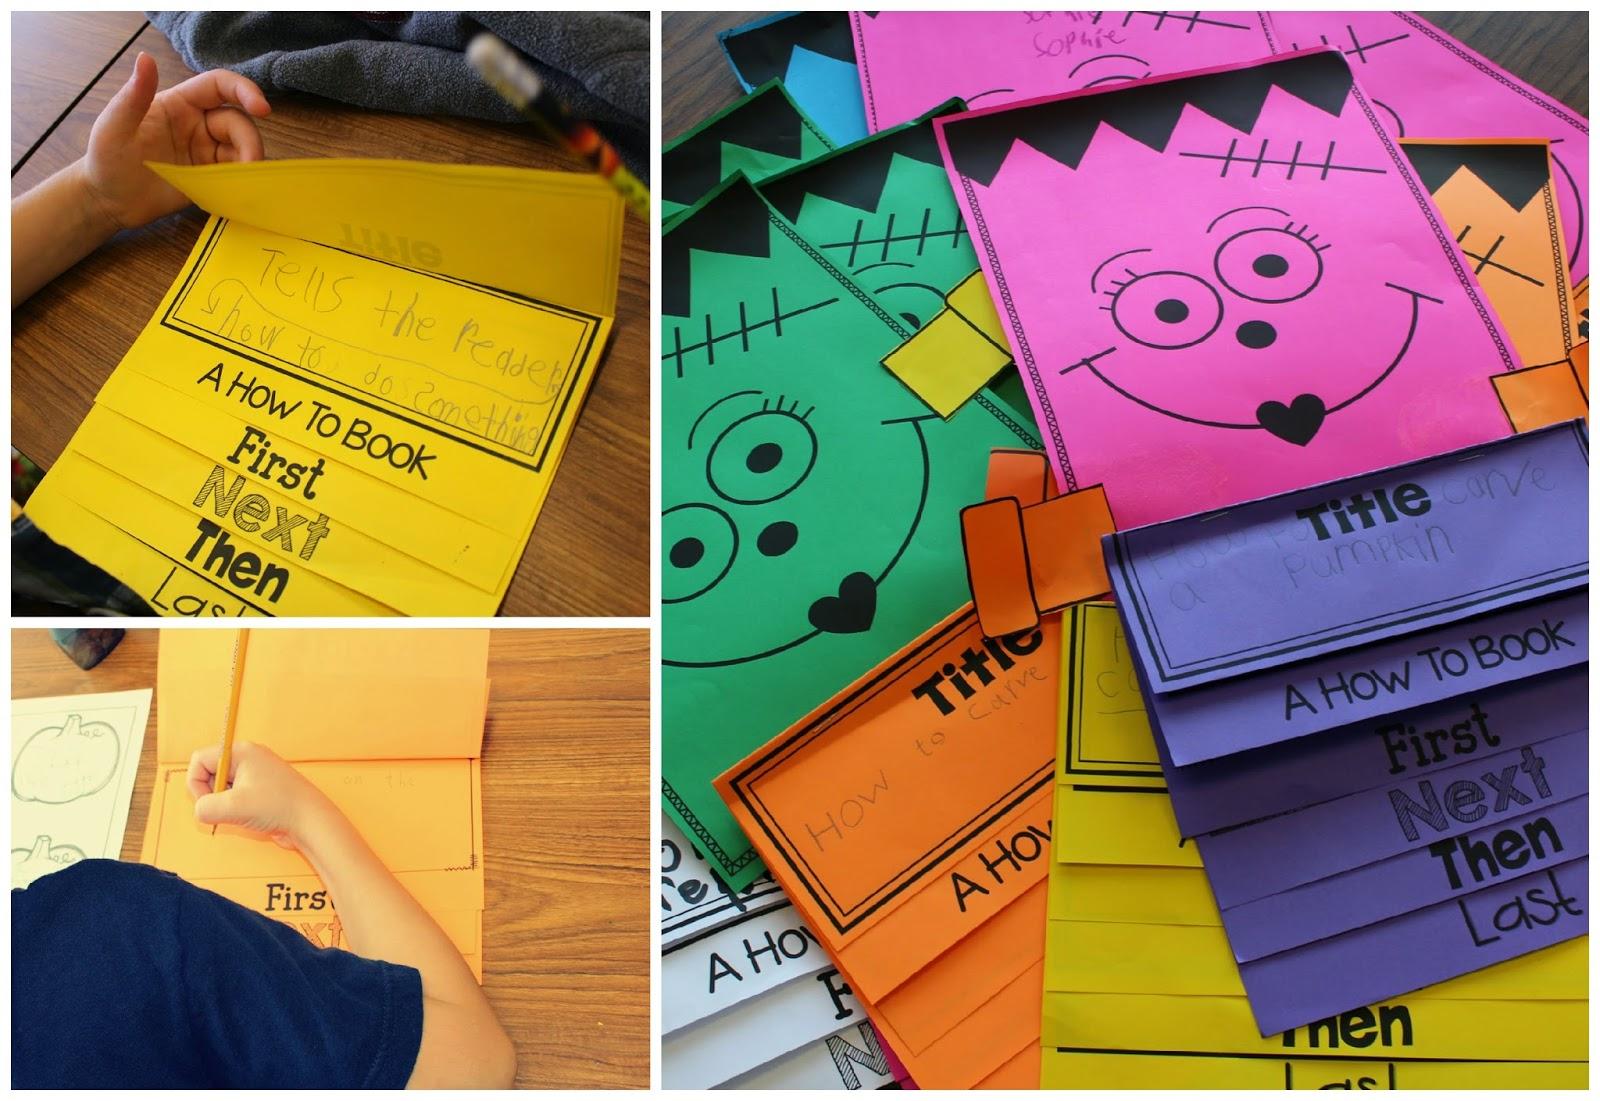 http://www.teacherspayteachers.com/Product/Franken-Authors-Flip-Up-Book-1487515